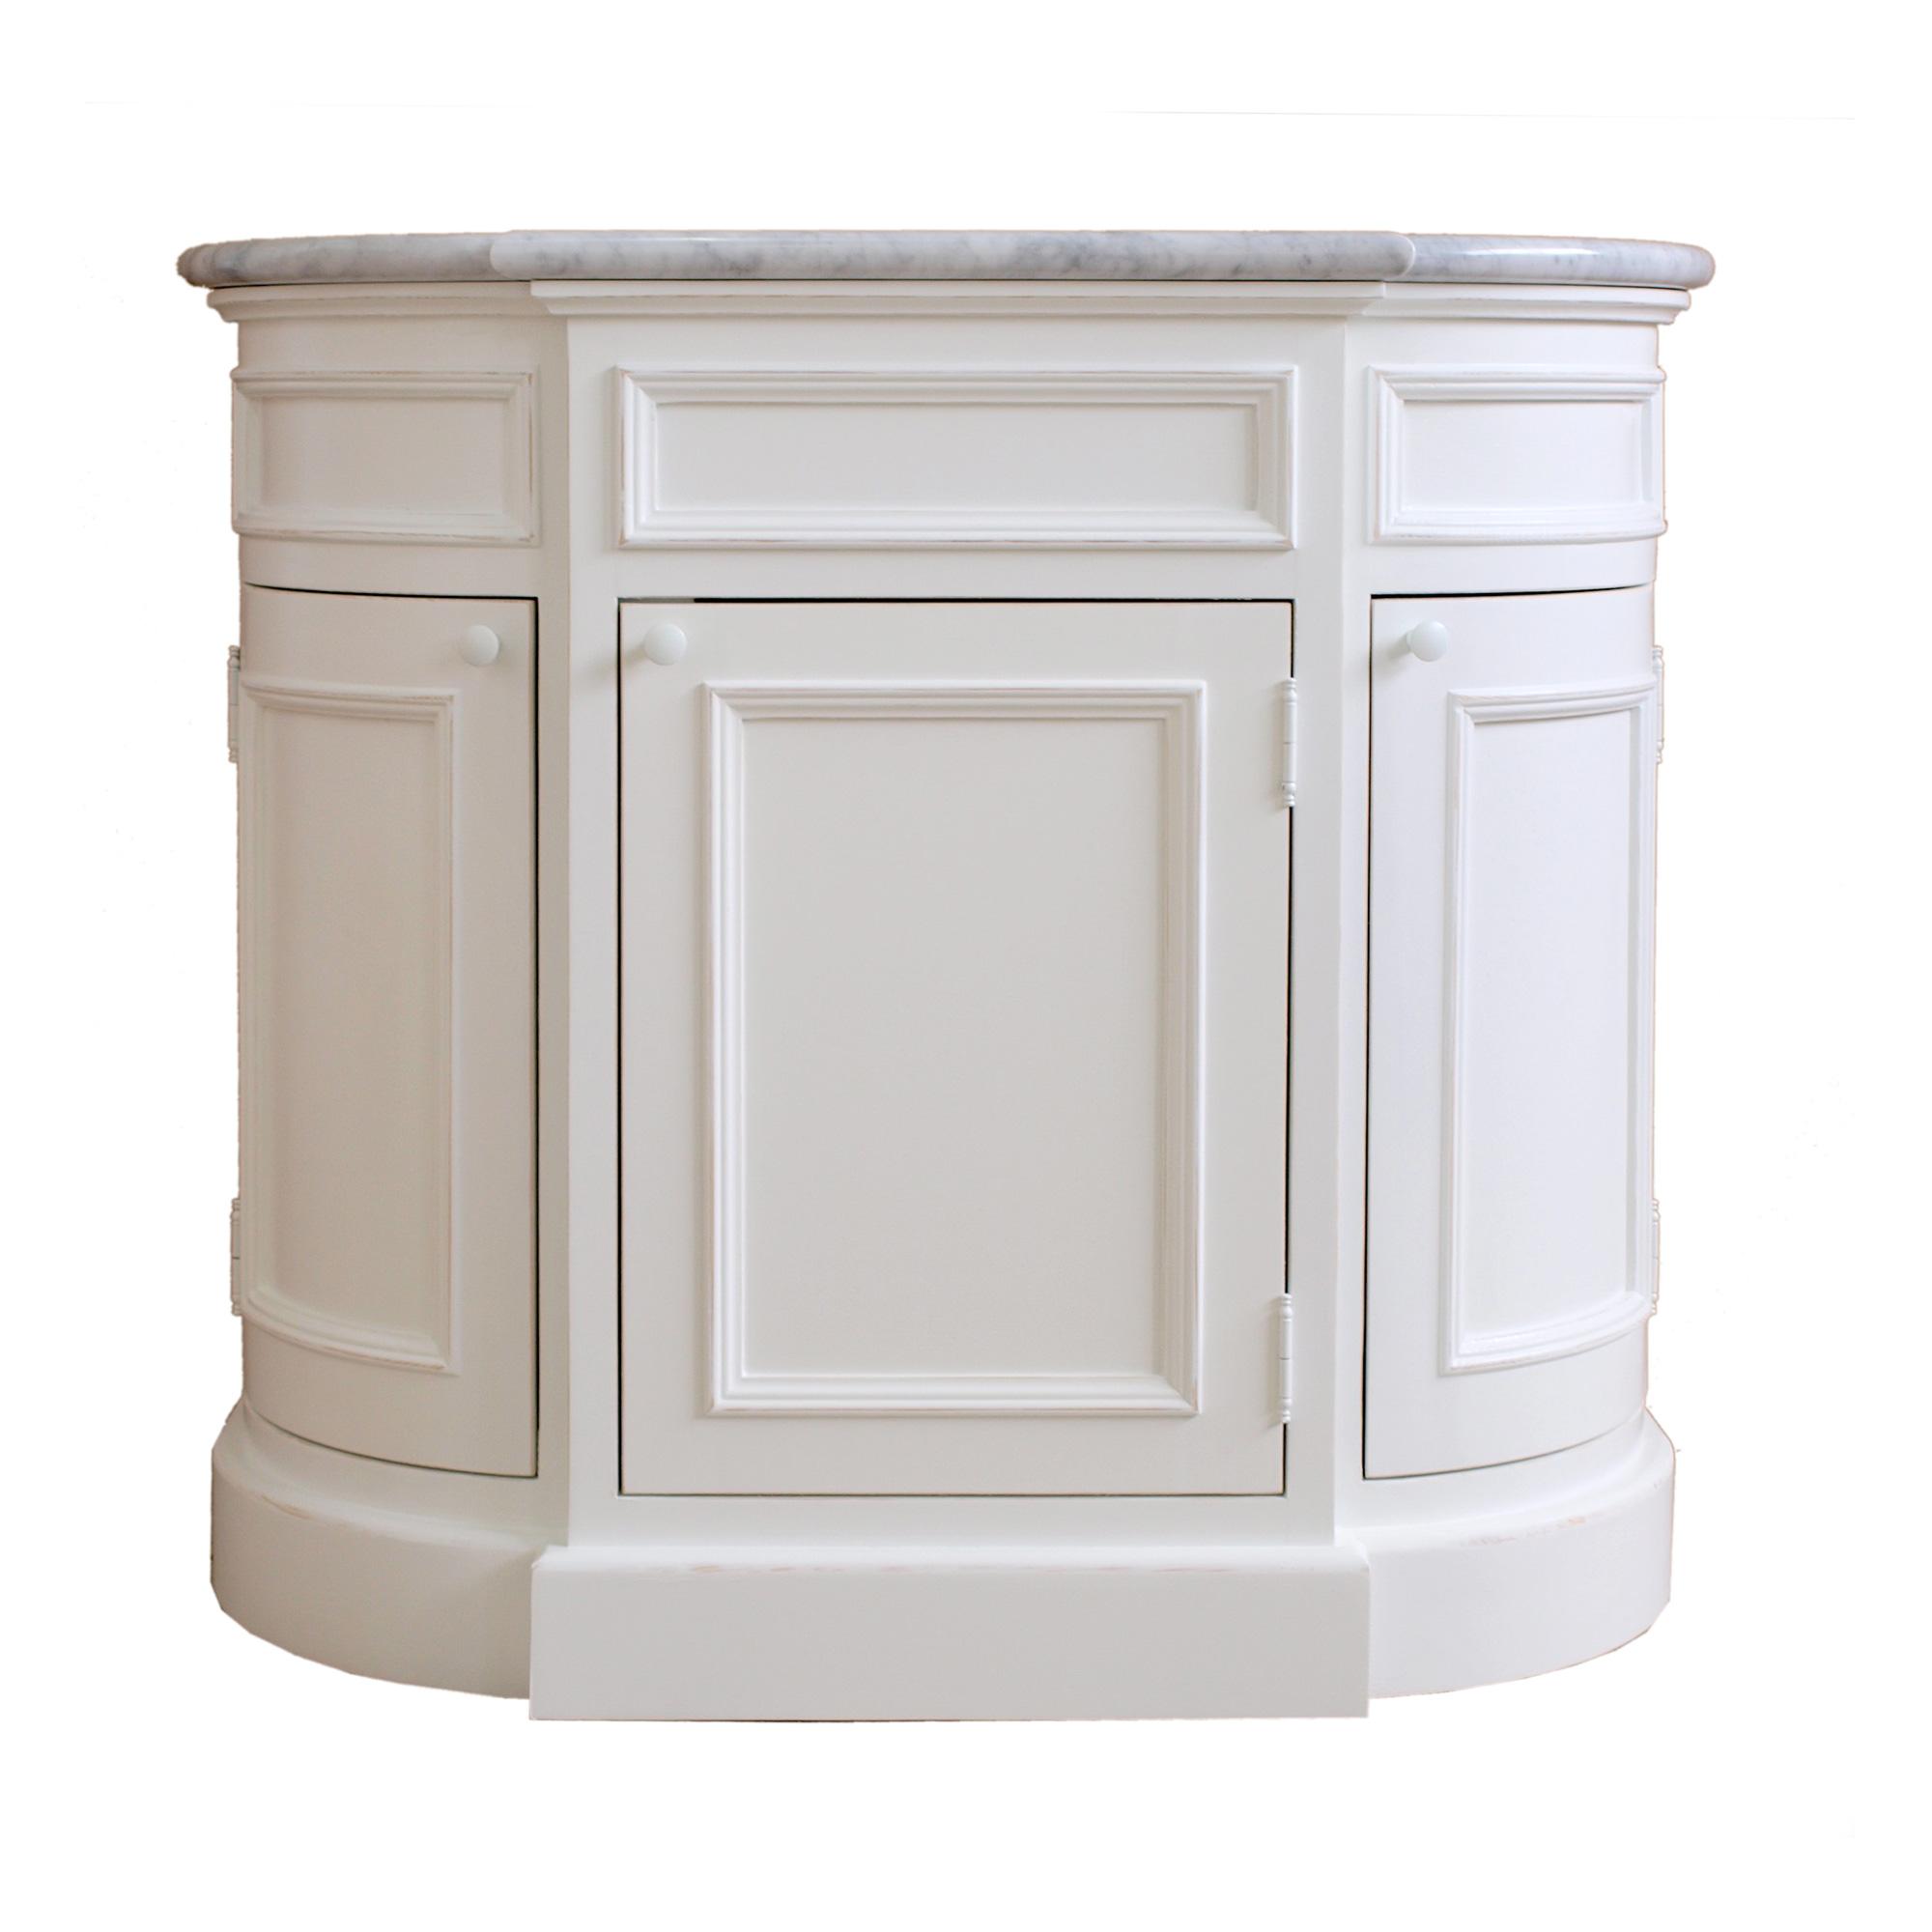 charme de provence franz sische waschtische badezimmerm bel im landhaustil flamant waschtische. Black Bedroom Furniture Sets. Home Design Ideas